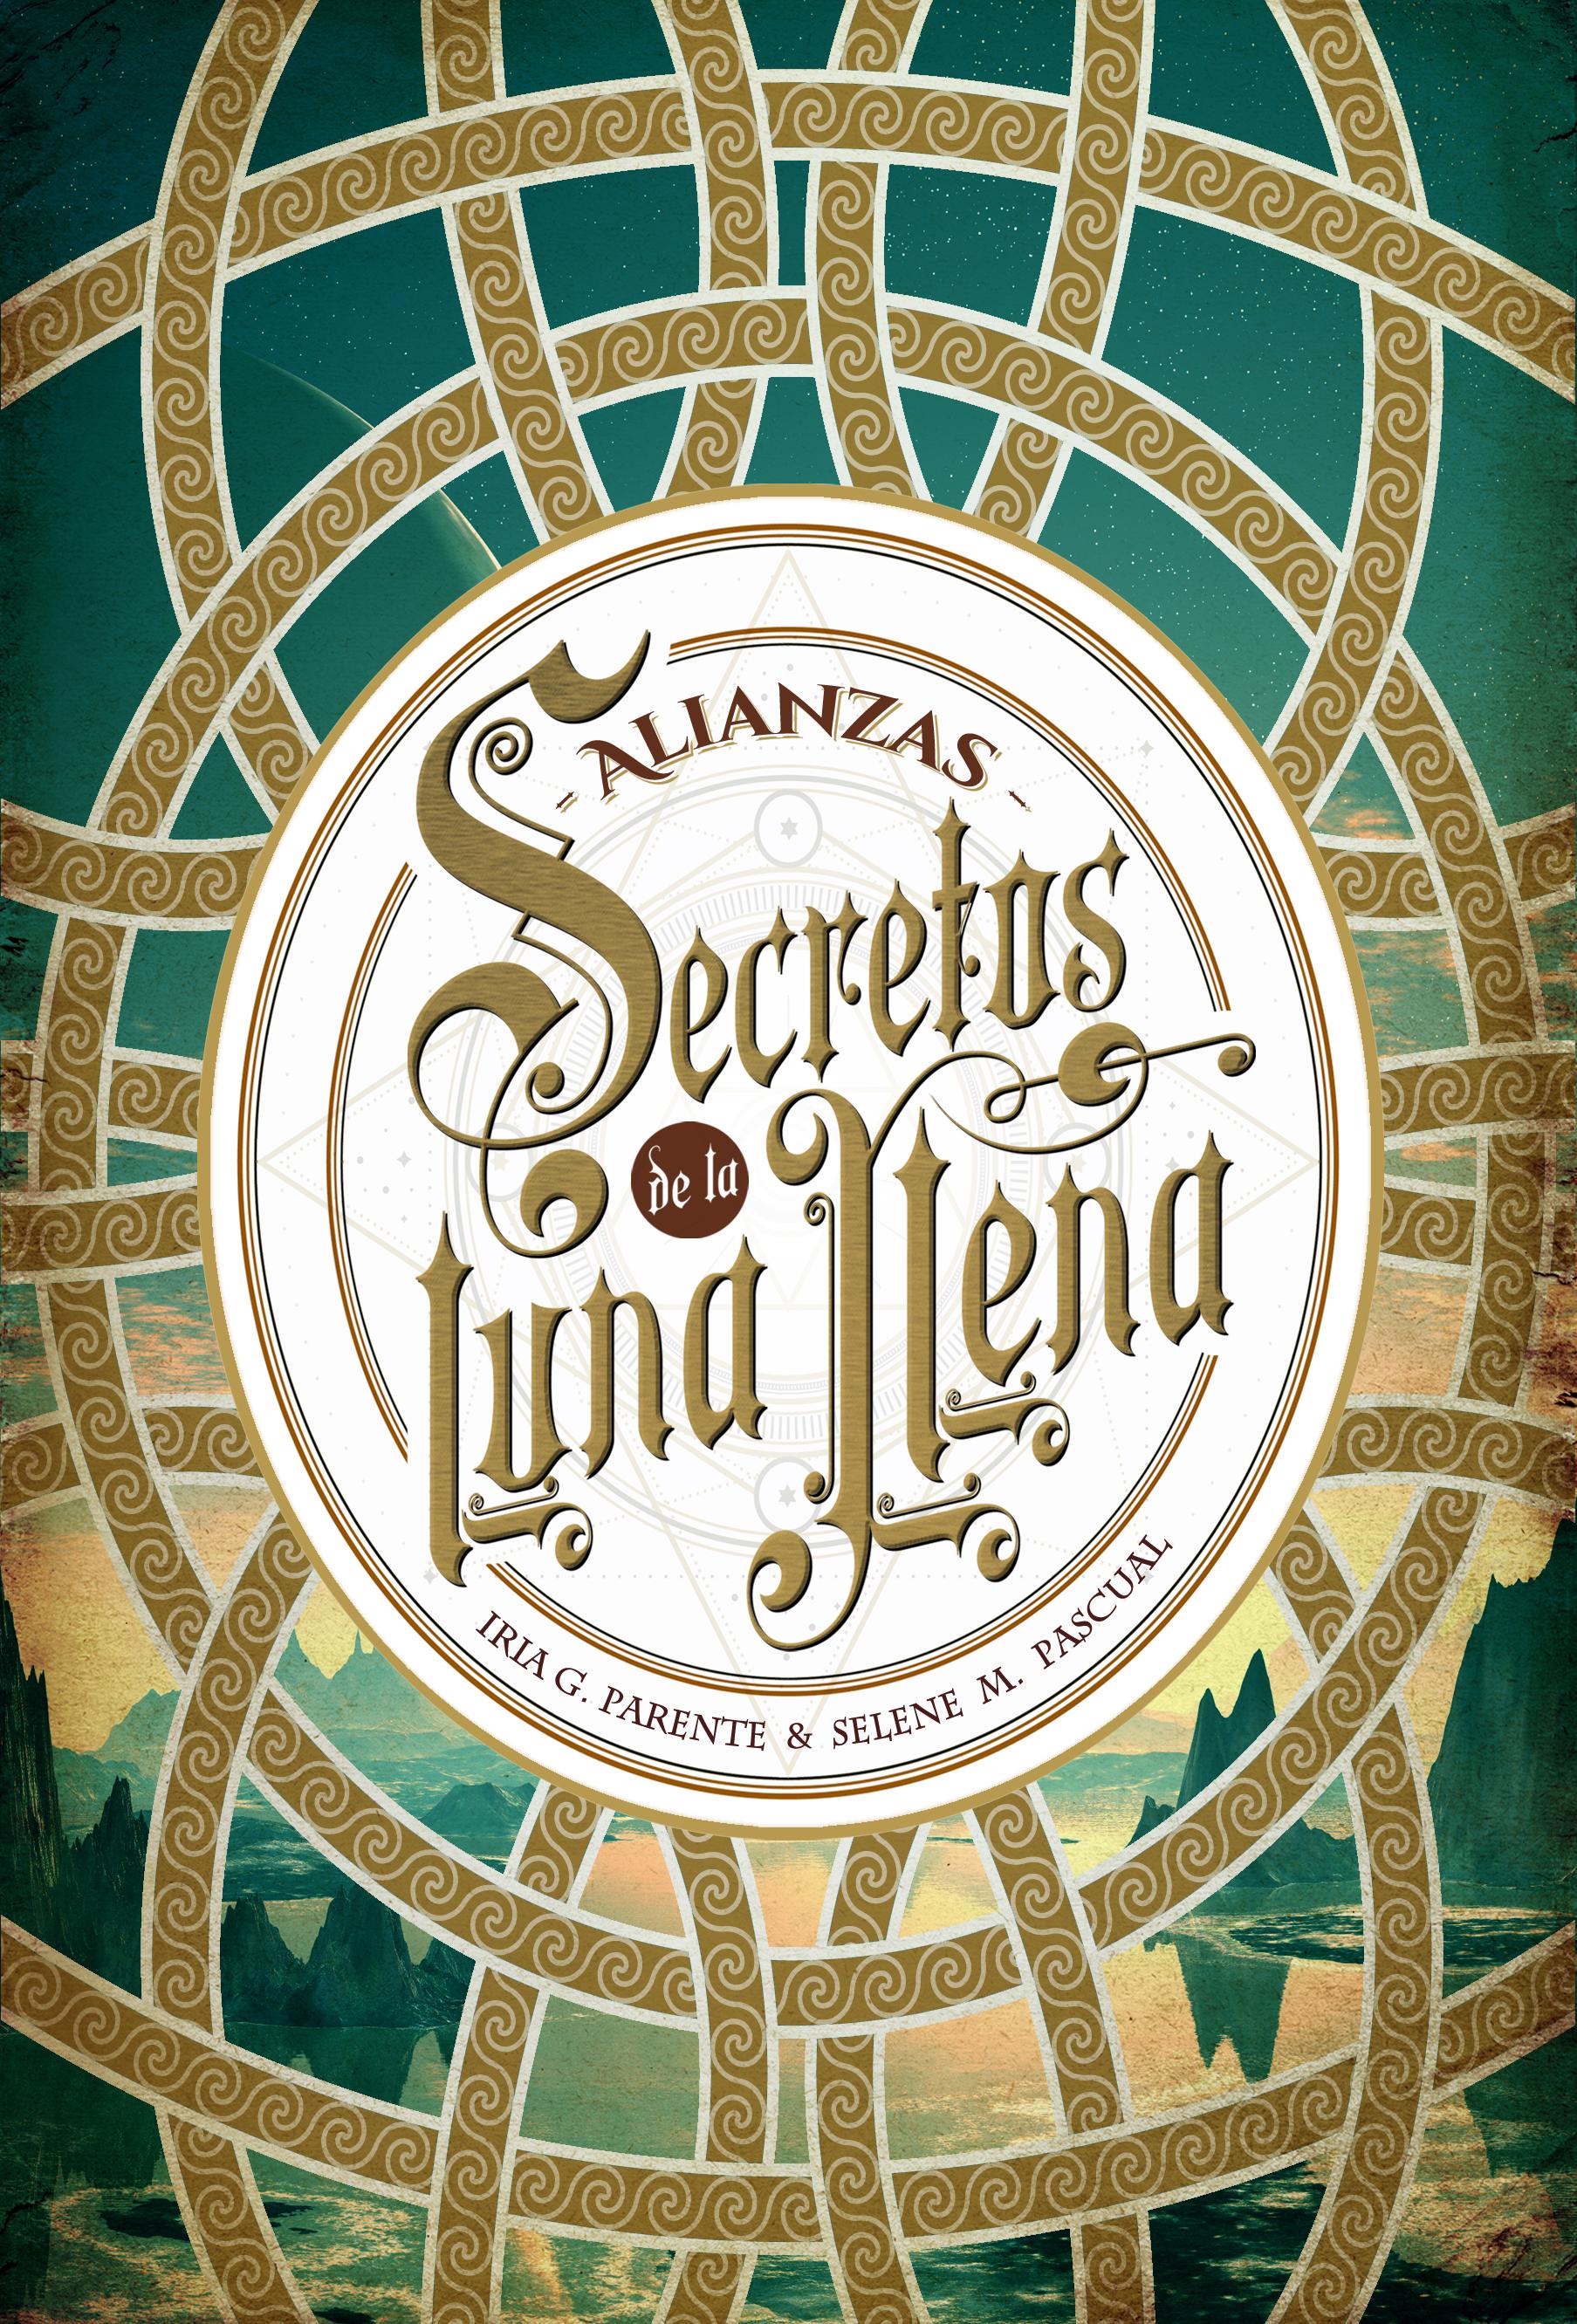 Alianzas-Secretos-de-la-Luna-Llena-Iria-G-Parente-Selene-M-Pascual-regalos-cumpleaneros-y-navidenos-recomendaciones-interesantes-literatura-opinion-blogs-blogger